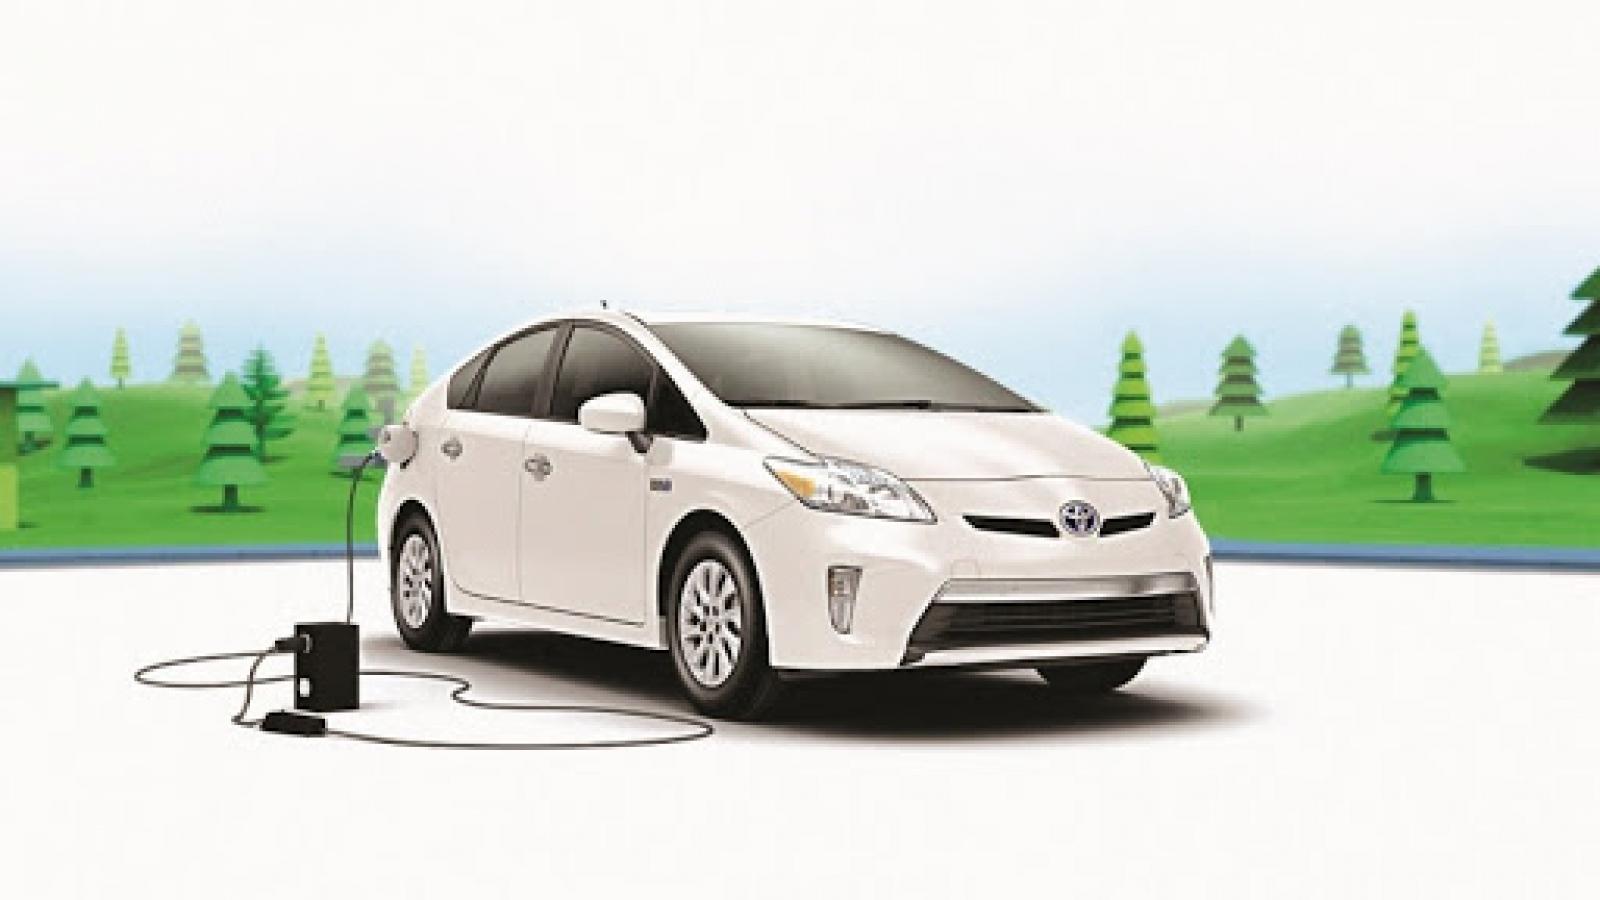 Xe Hybrid sẽ là phân khúc xe lớn nhất trong khoảng 10 năm tới